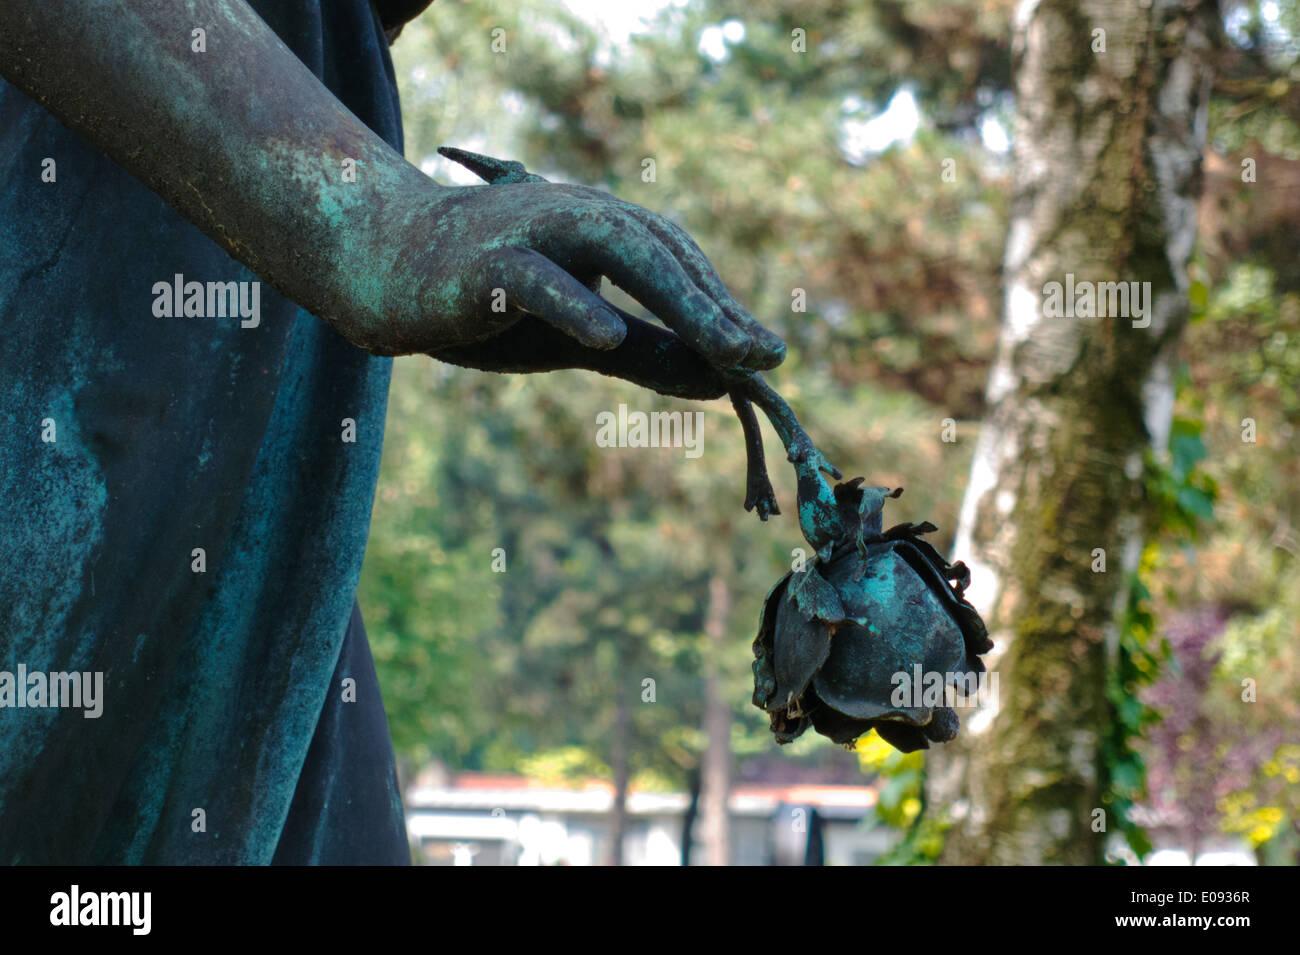 Sculpture with a rose in the hand, Skulptur mit einer Rose in der Hand Stock Photo